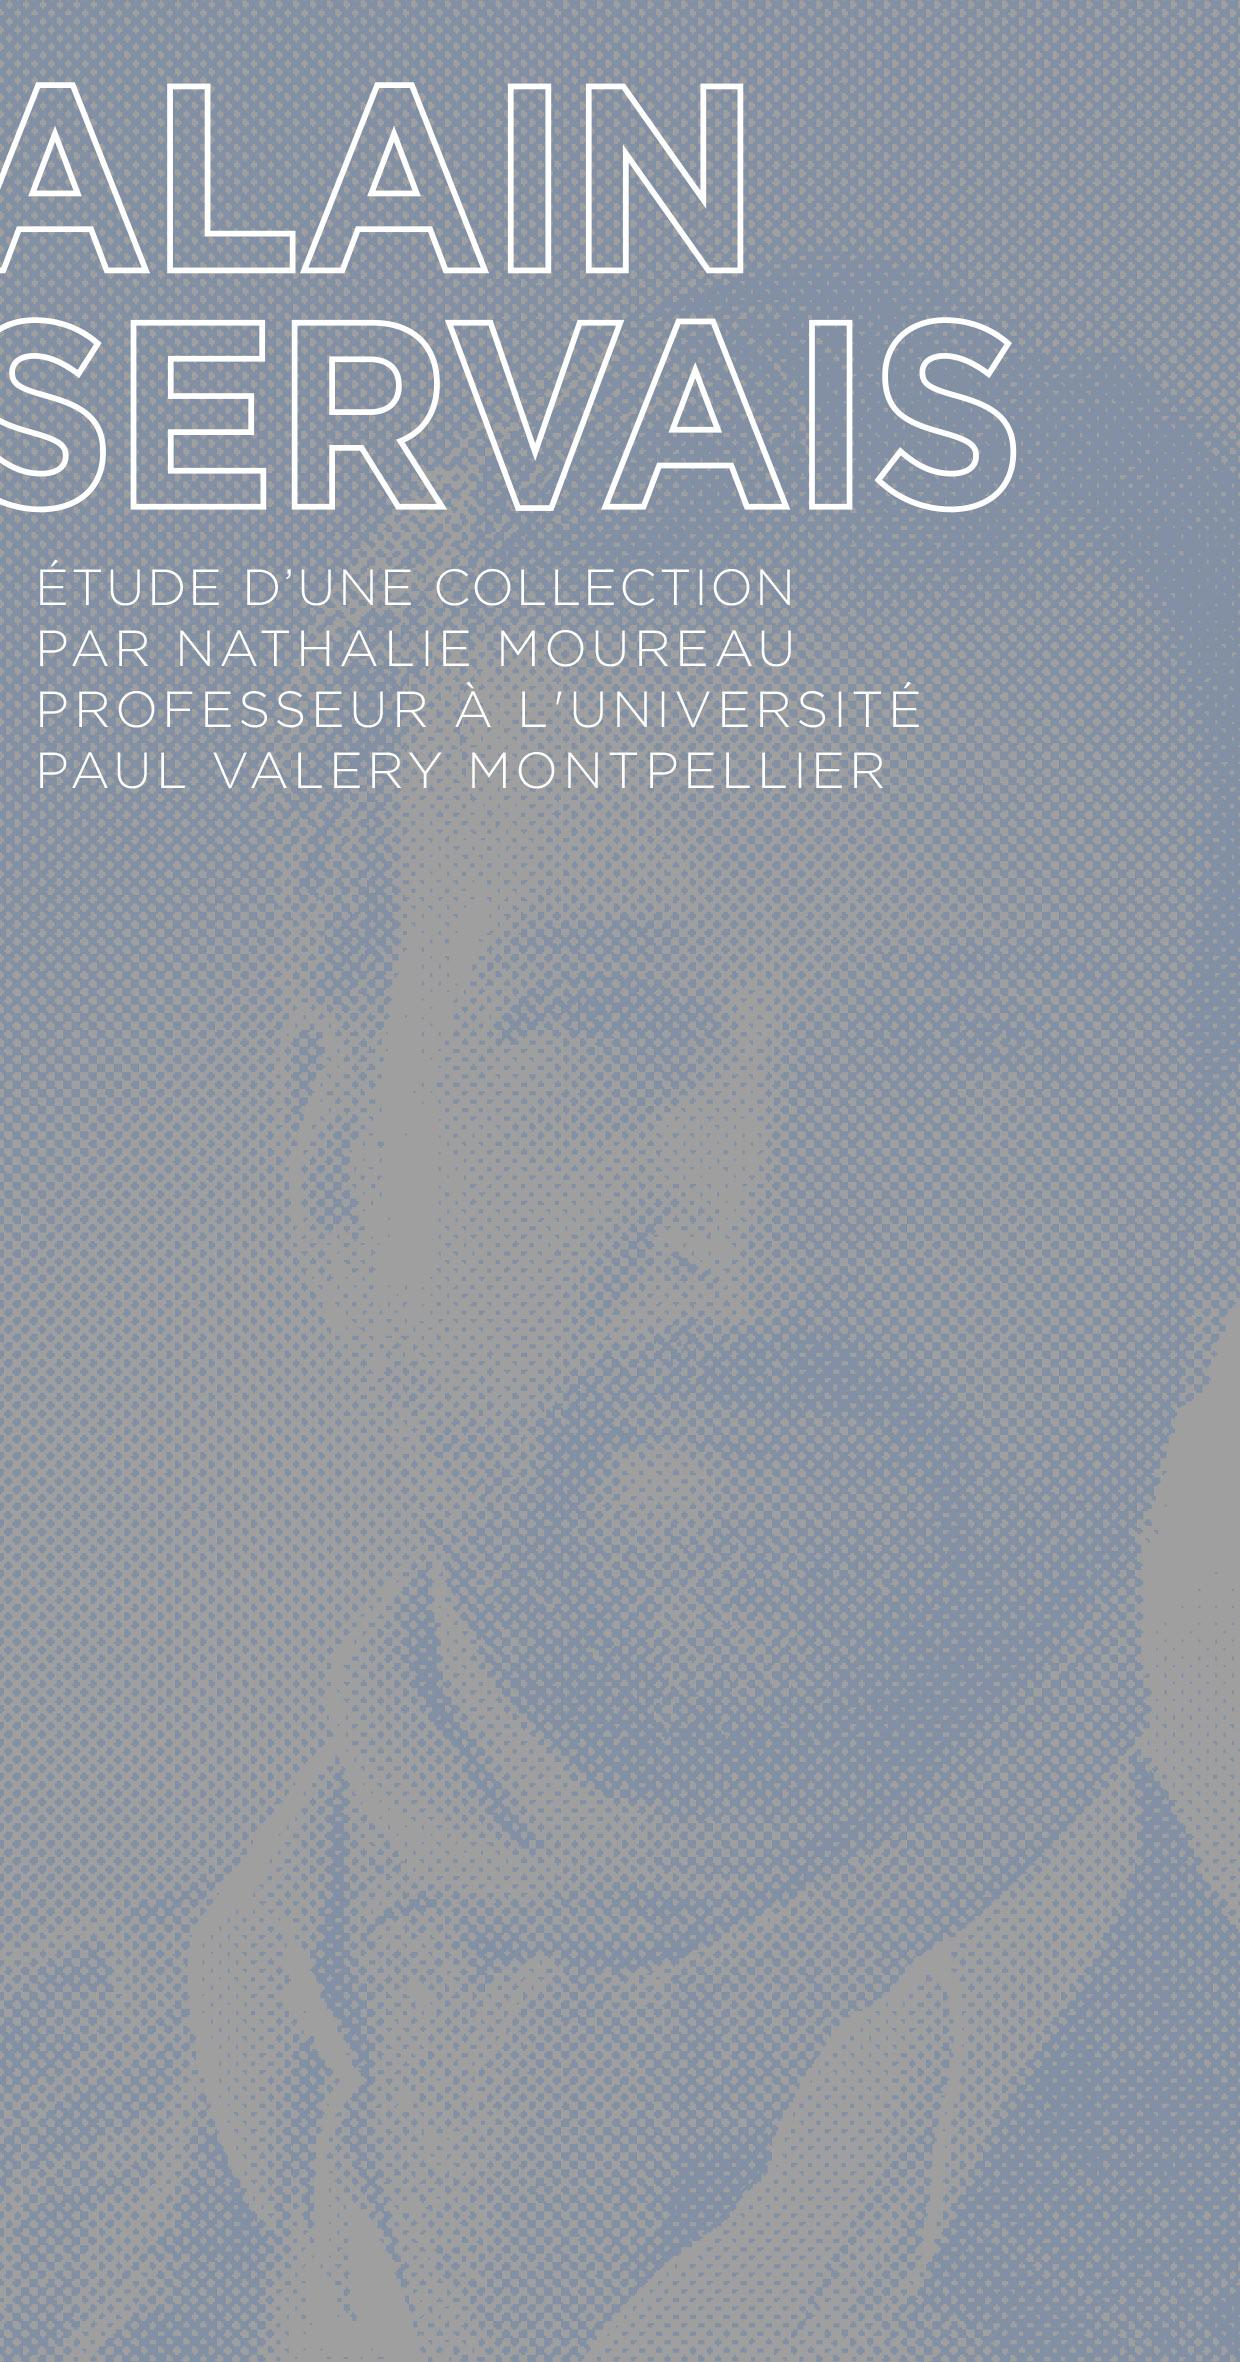 Étude de la collection famille Servais par Nathalie Moureau